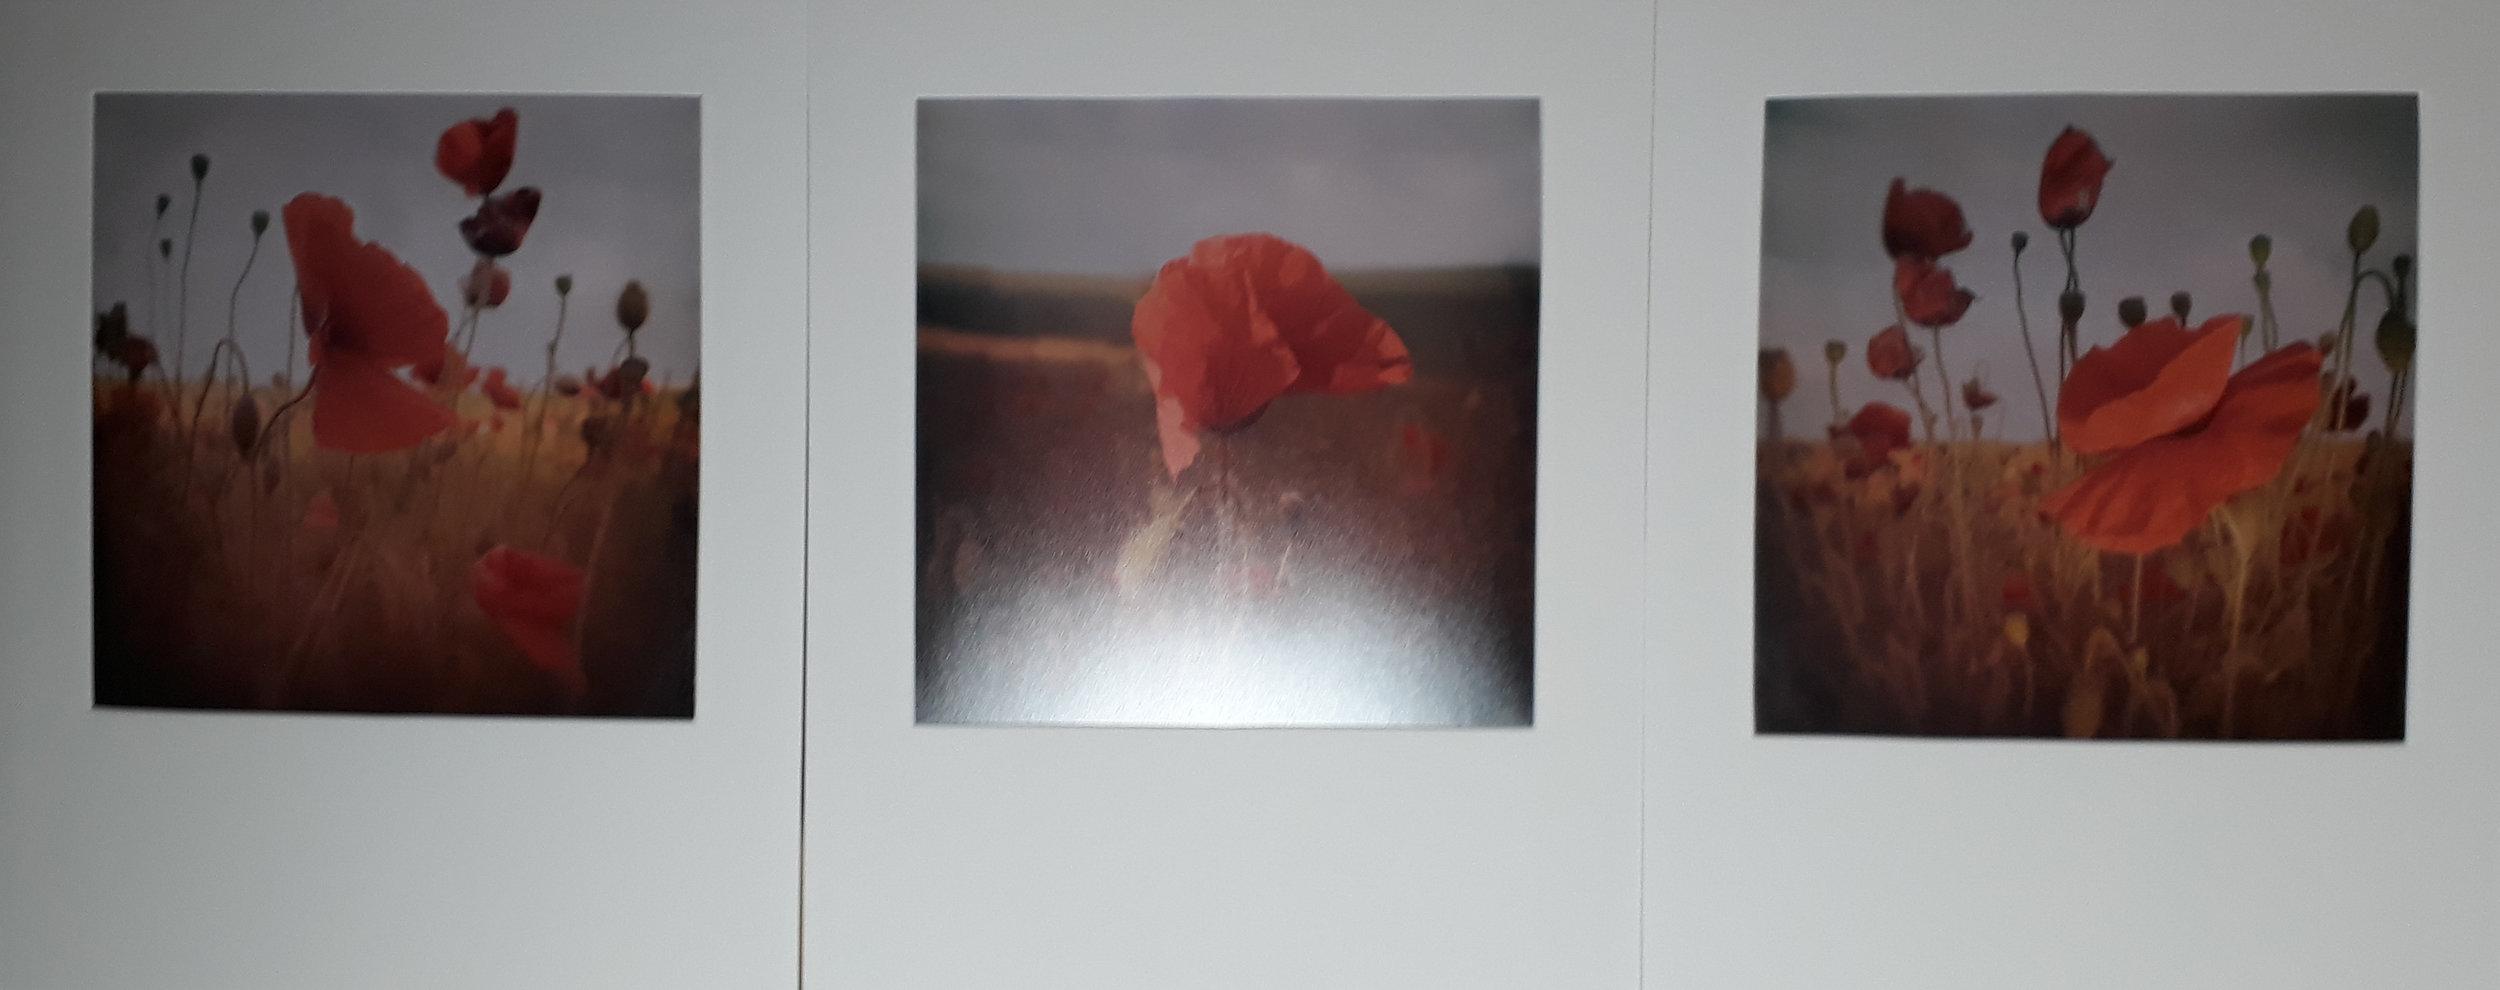 3 - Pollyjoke Poppies - Tim Gilbert